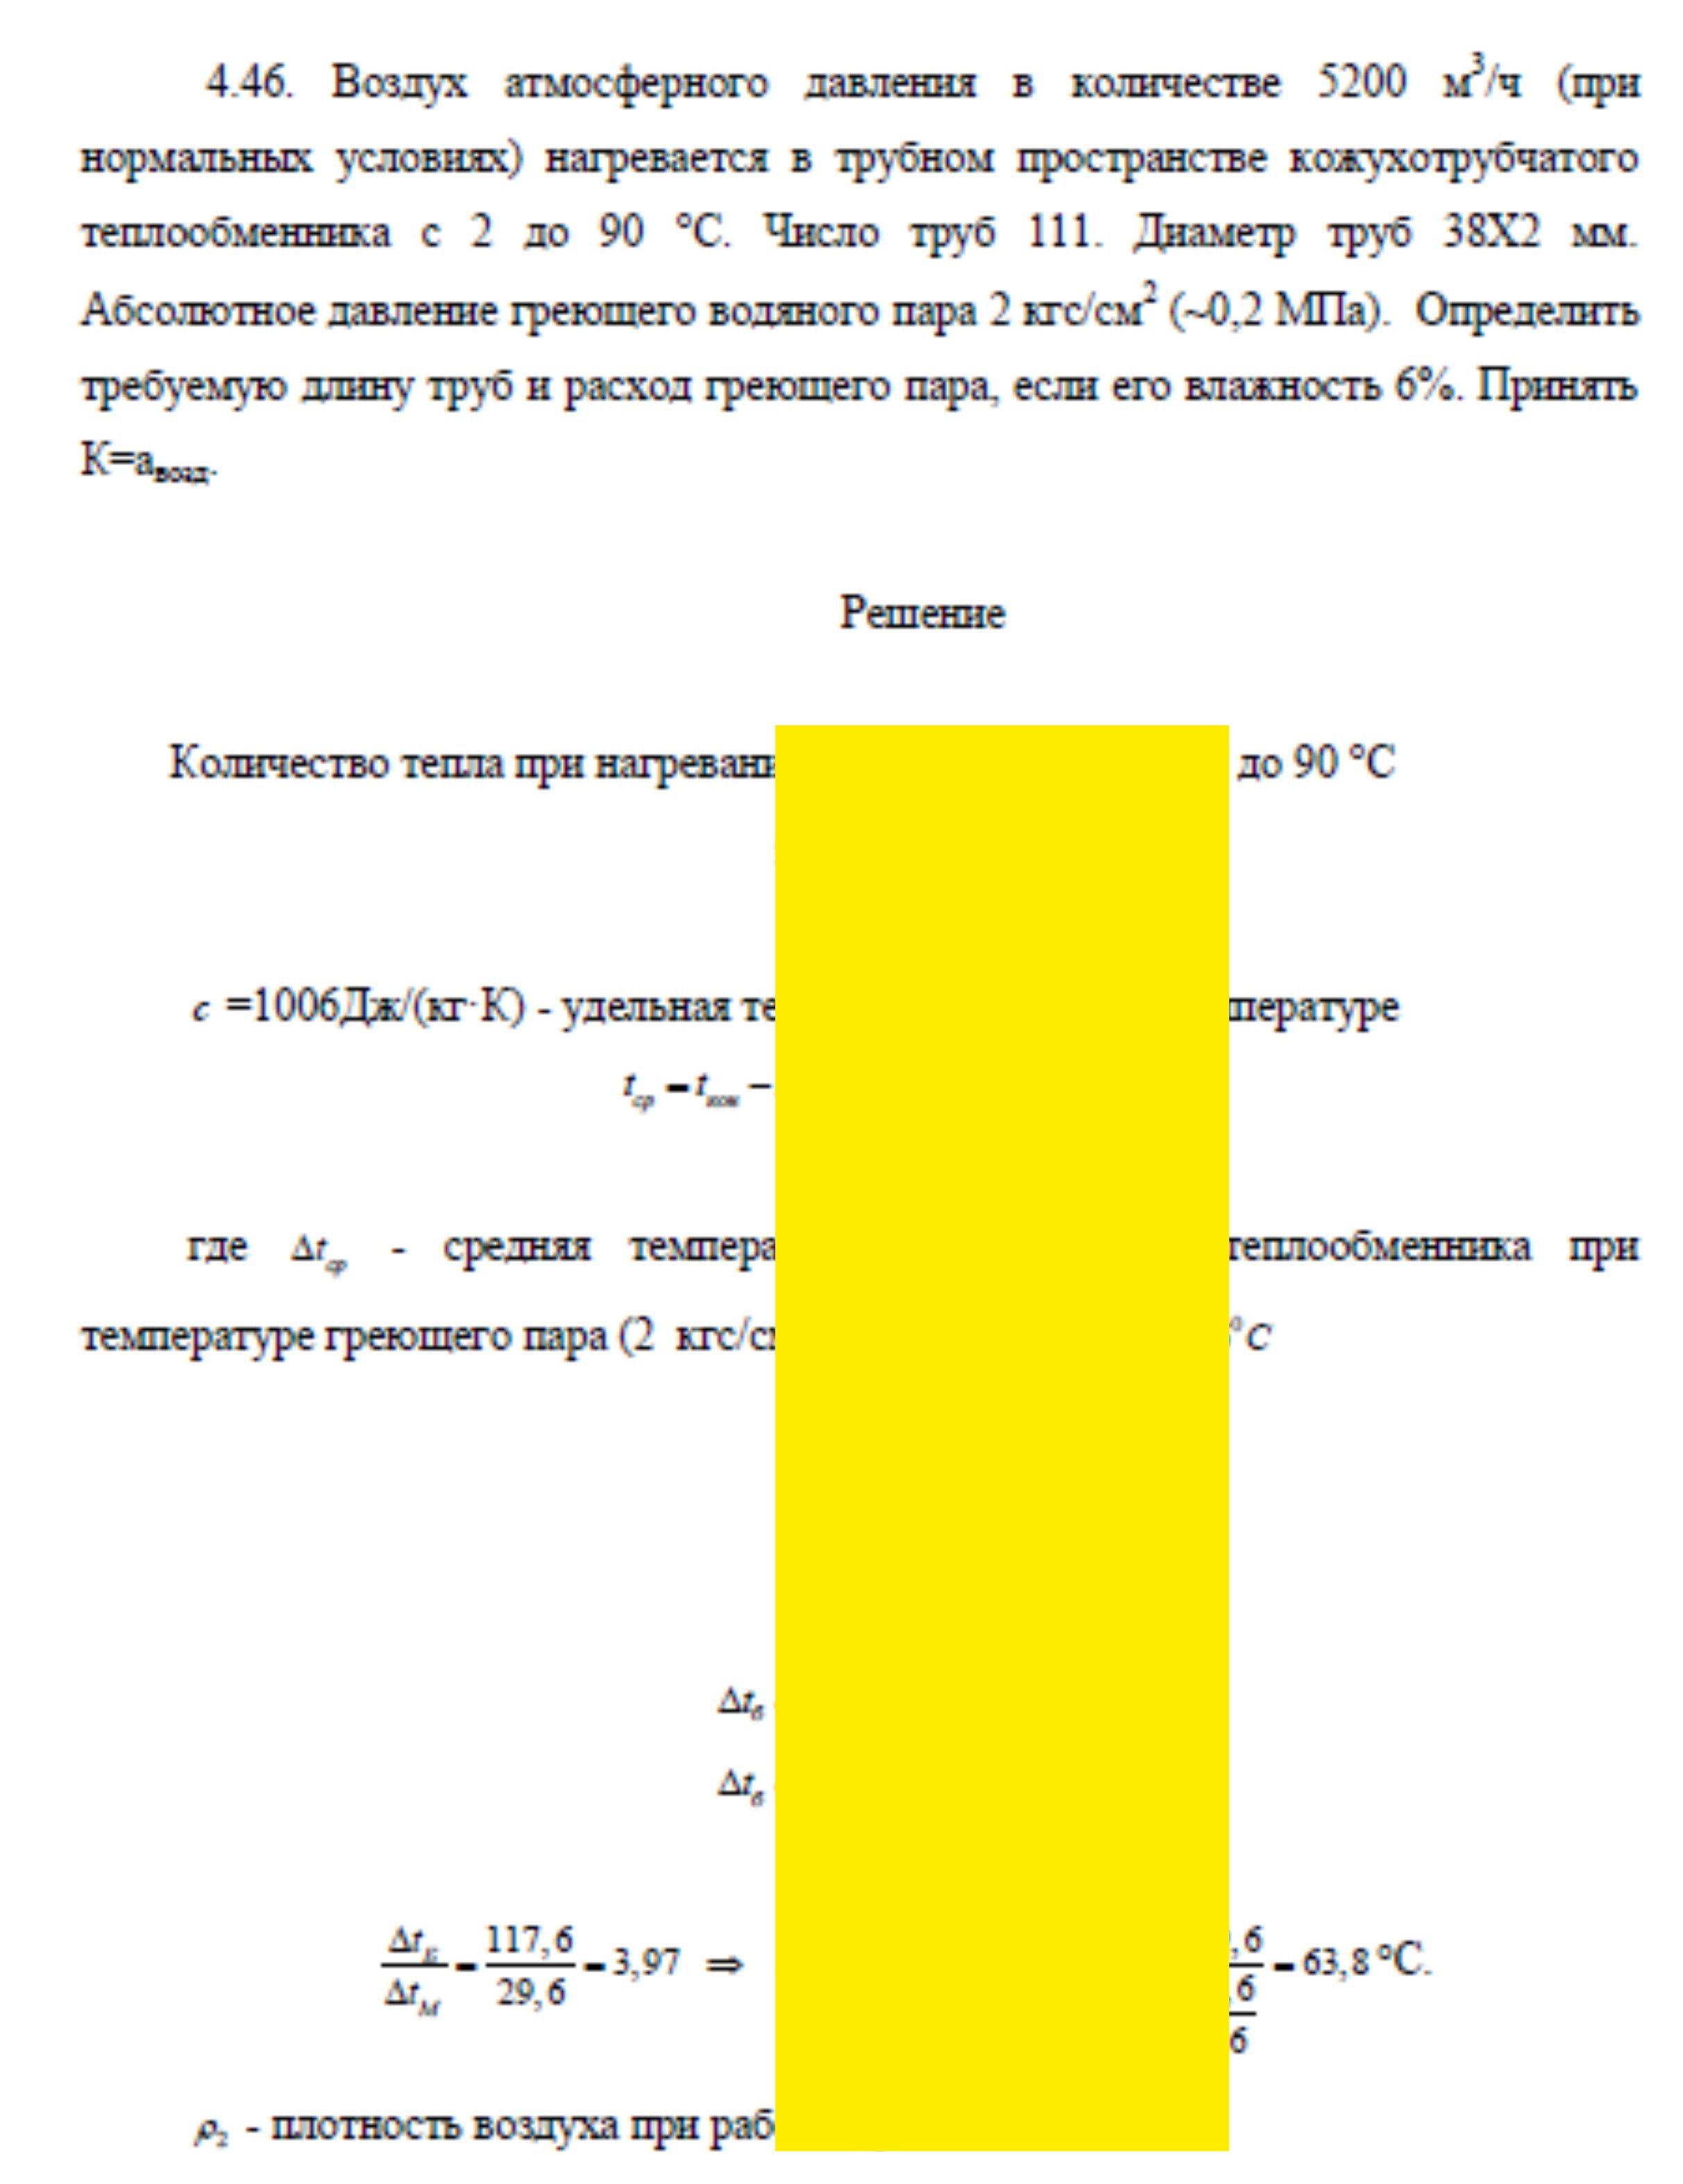 Решение задачи 4.46 по ПАХТ из задачника Павлова Романкова Носкова